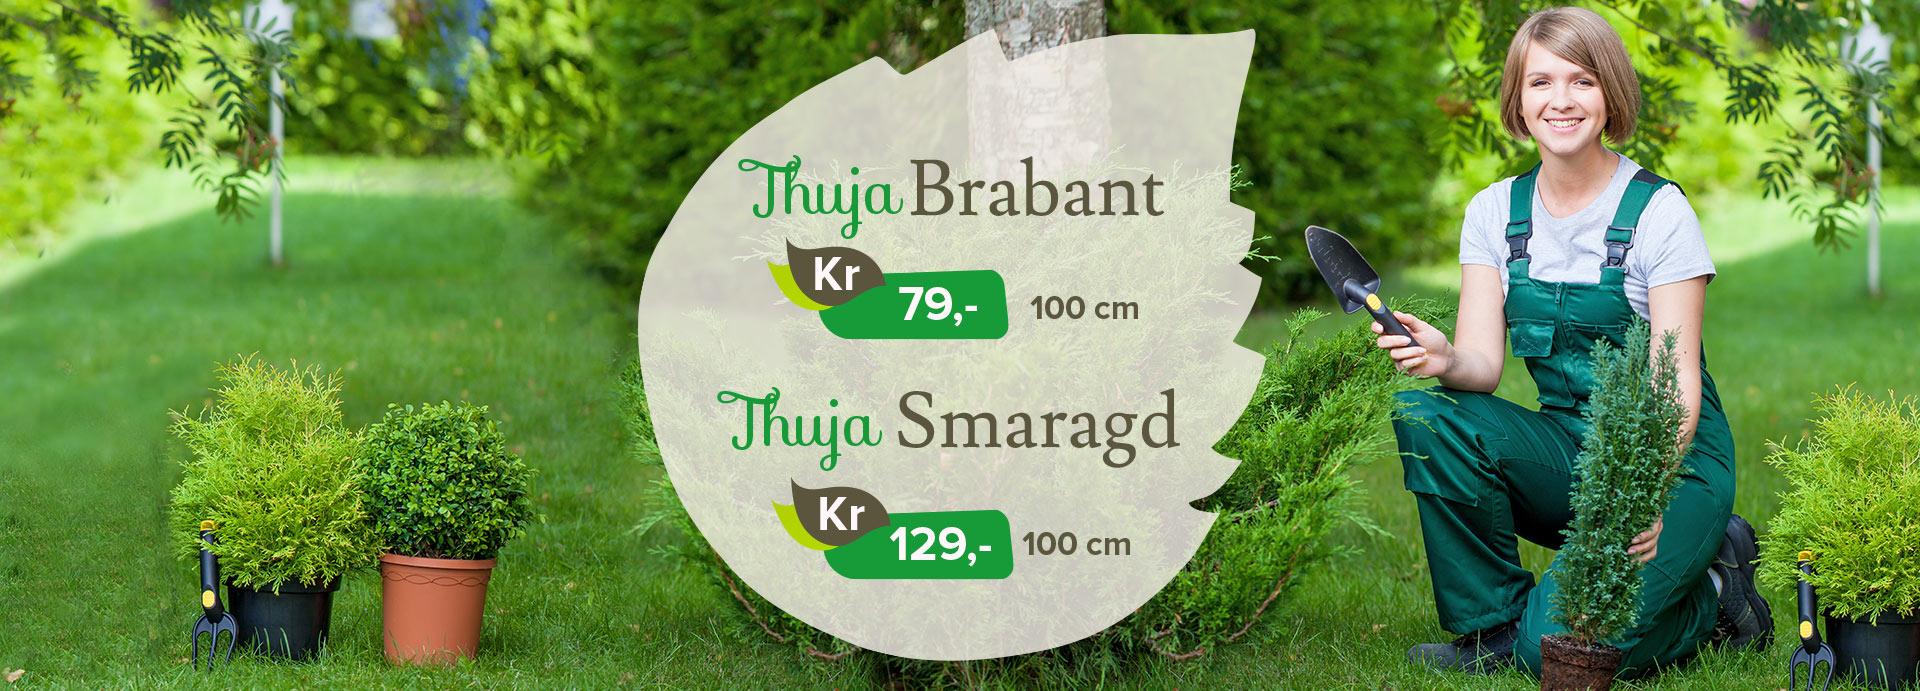 Thuja Brabant og Thuja Smaragd på tilbud hos Lier Planteland